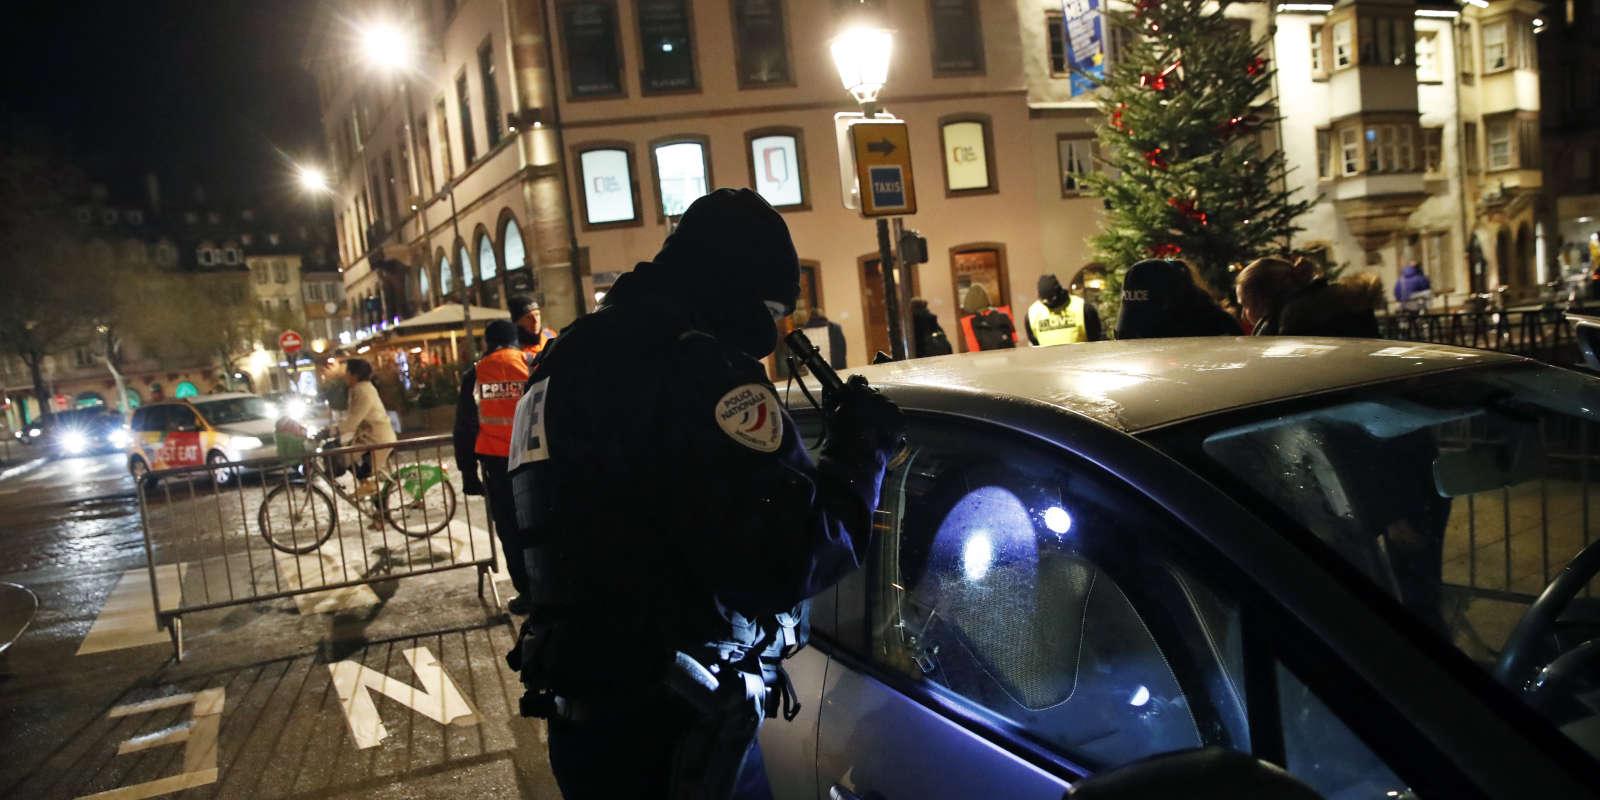 La police a lancé un appel à témoins et diffusé, mercredi 12 décembre, le portrait du suspect, Chérif Chekatt, de l'attentat qui a faittrois morts et douze blessés.